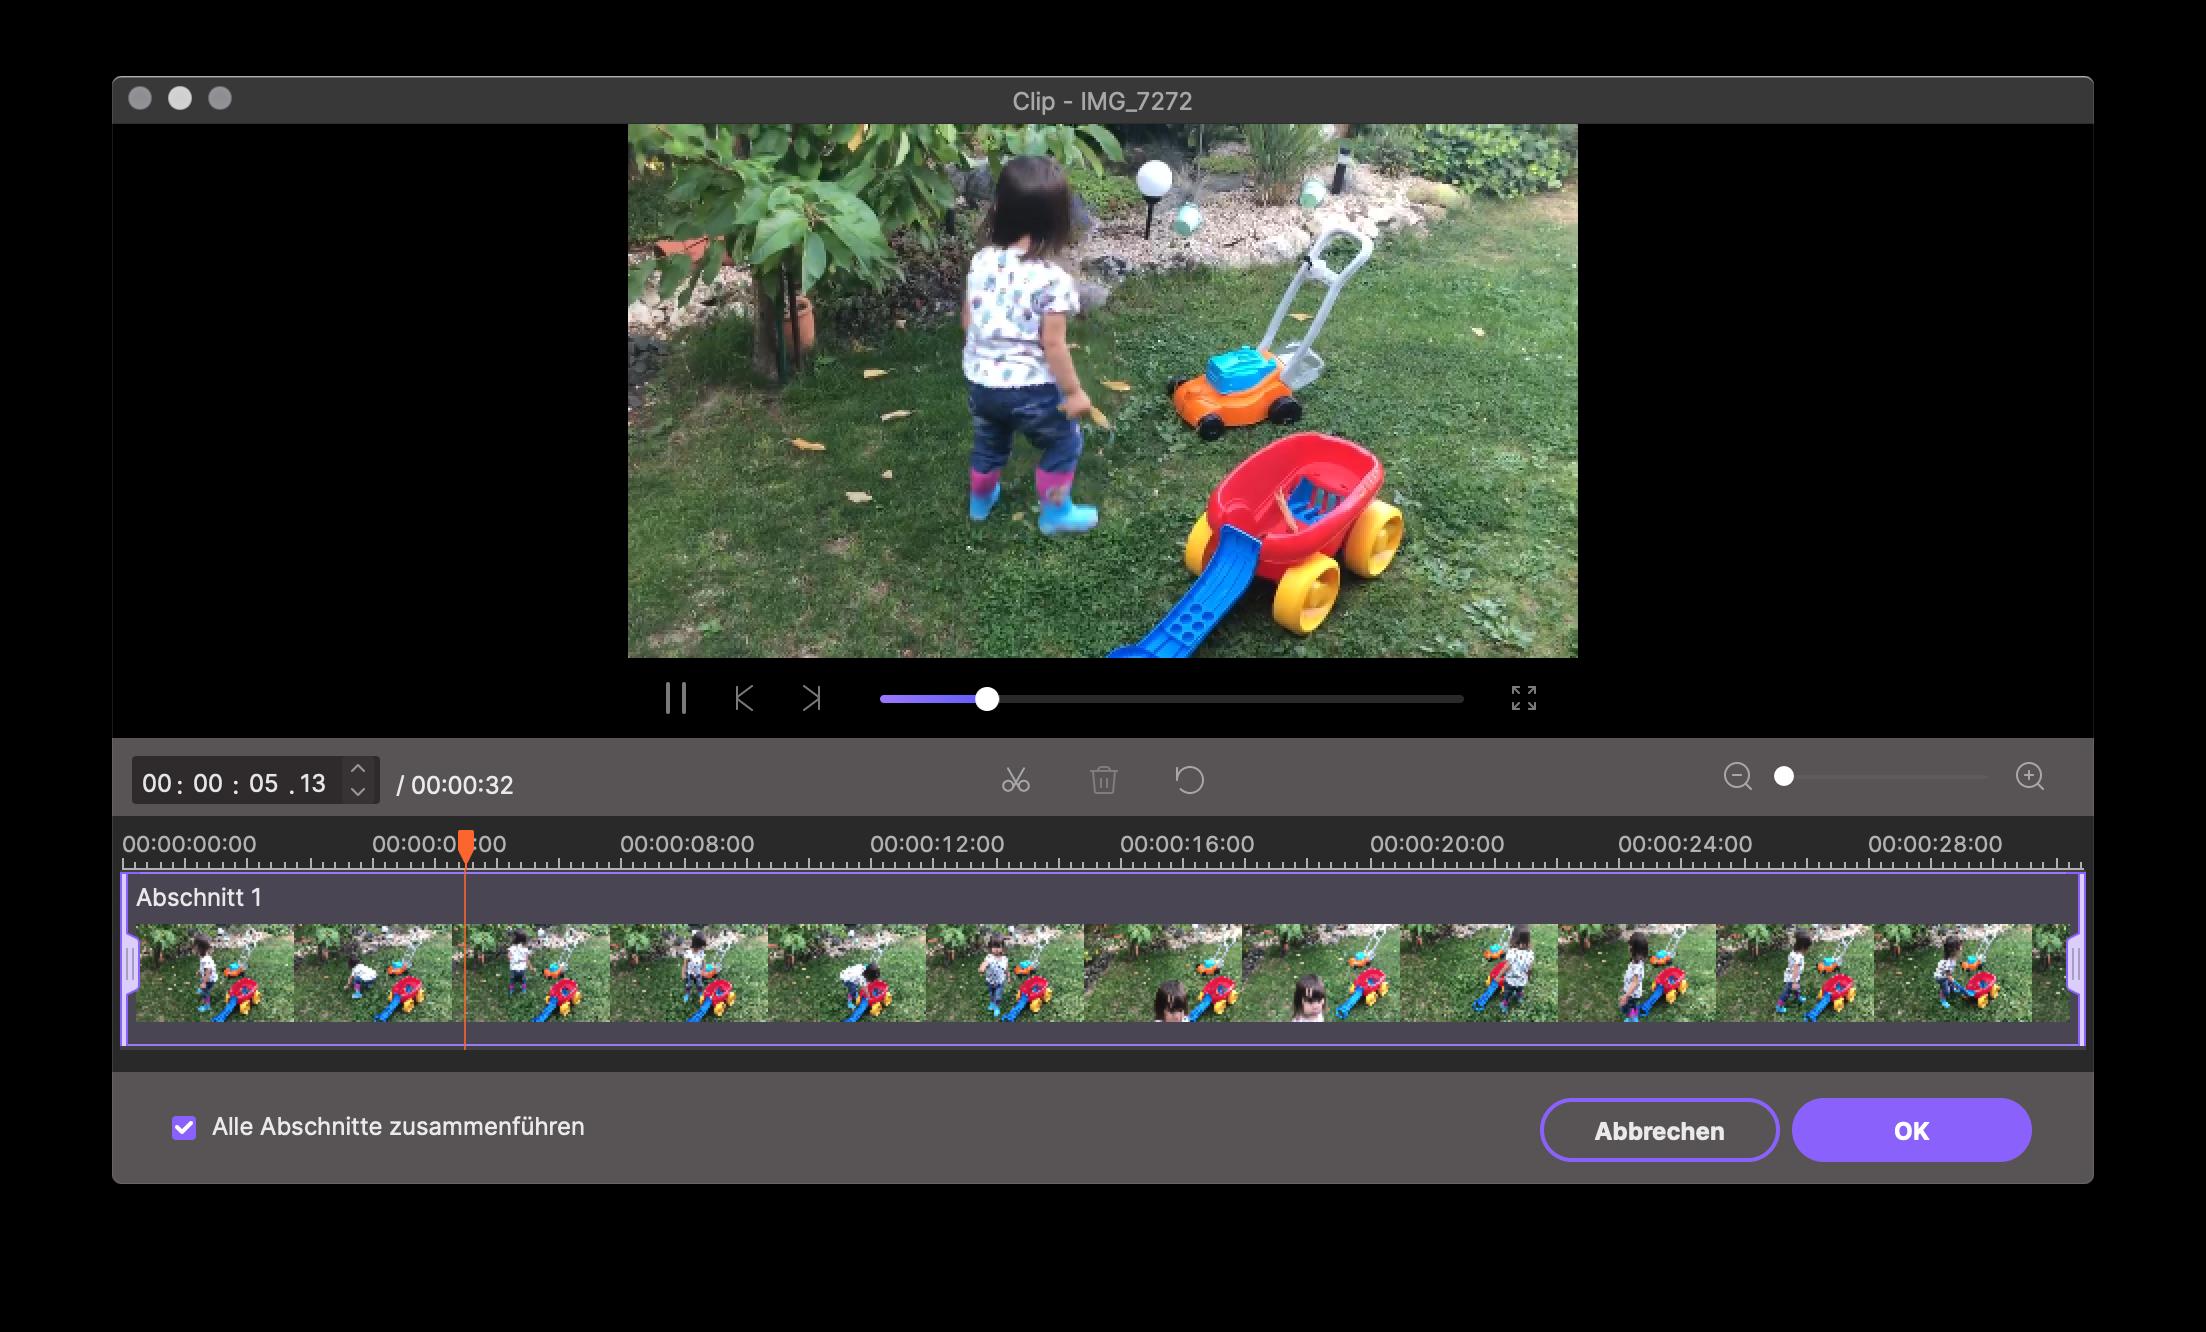 UniConverter-von-Wondershare-Videos-und-Musik-am-MacPC-konvertieren7 Wondershare UniConverter - Videos und Musik am Mac/PC in jedes Format umwandeln